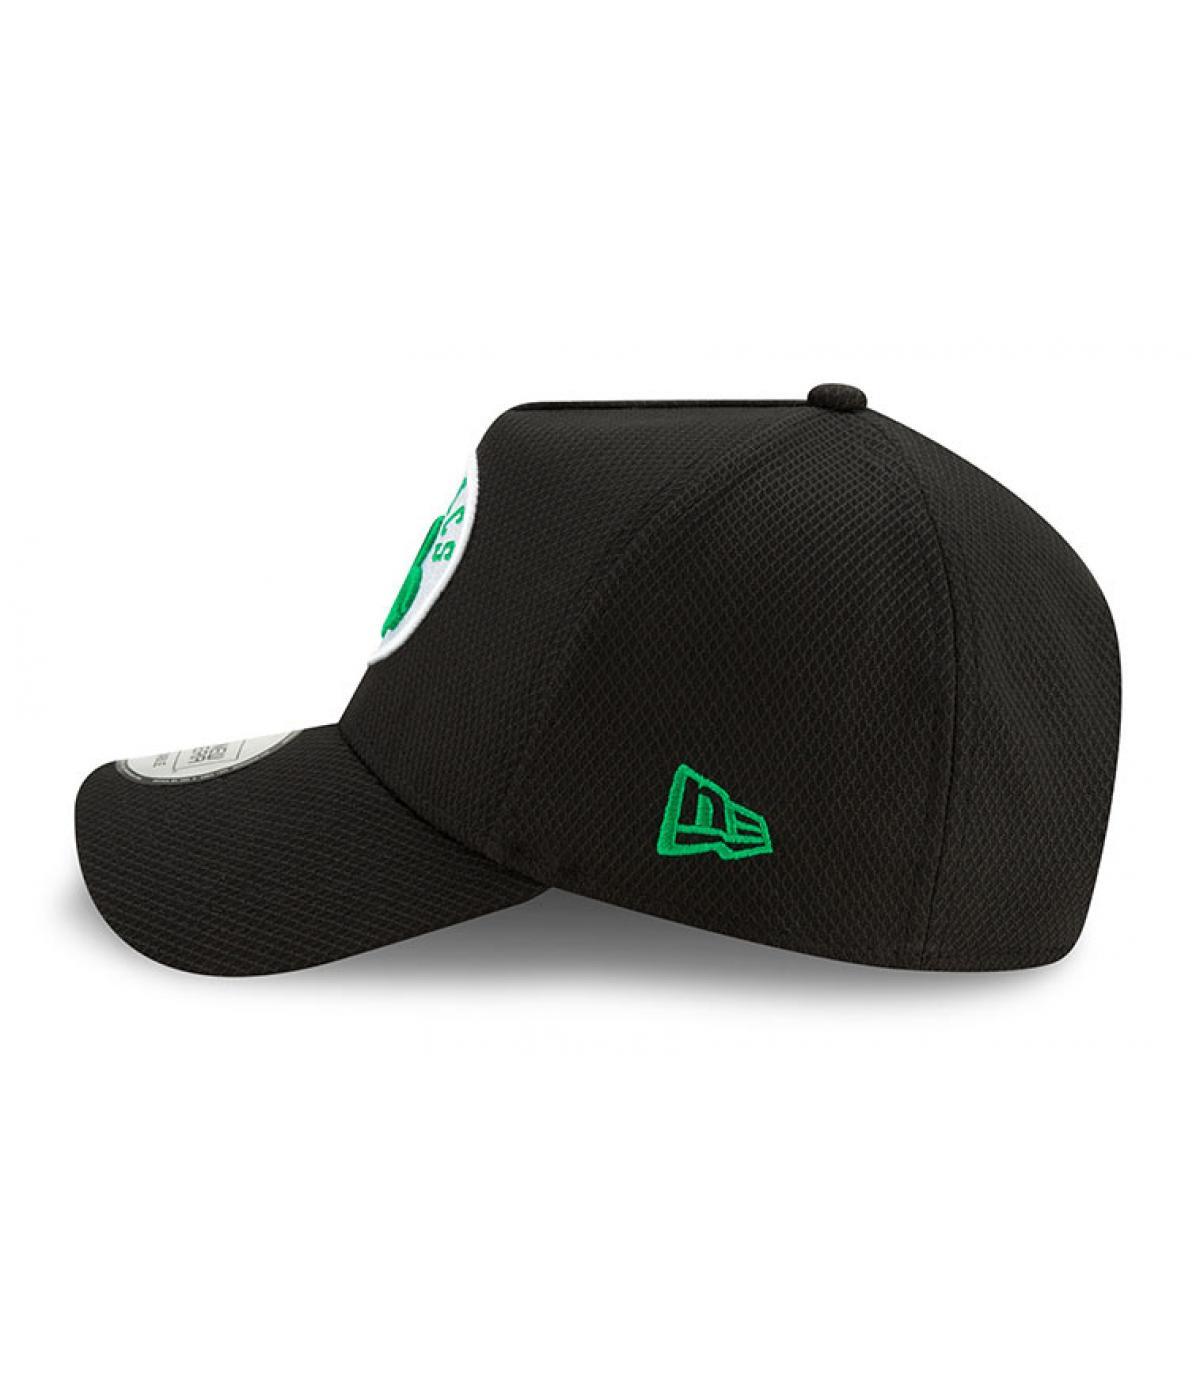 Détails Casquette League Ess Celtics Diamond Era Aframe - image 6